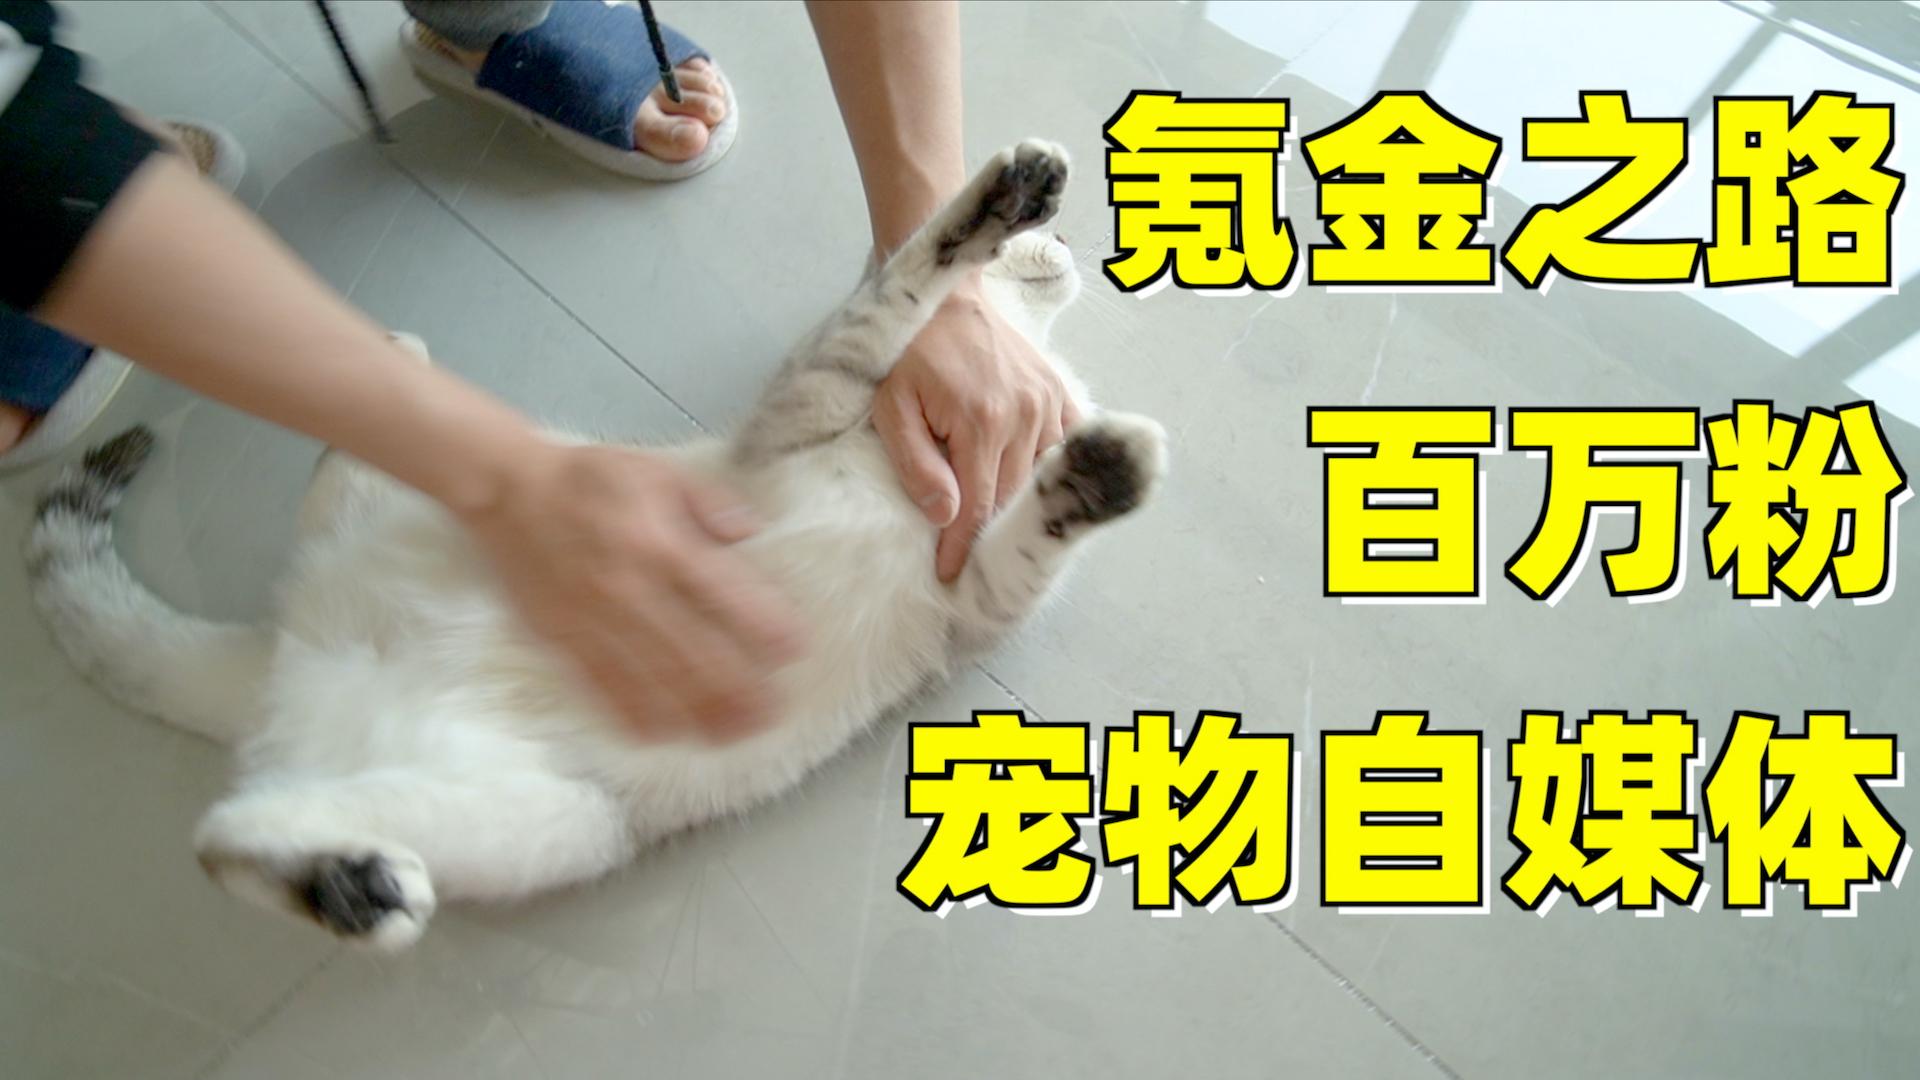 全网百万粉的宠物自媒体,给家里猫咪吃的用的都是啥?